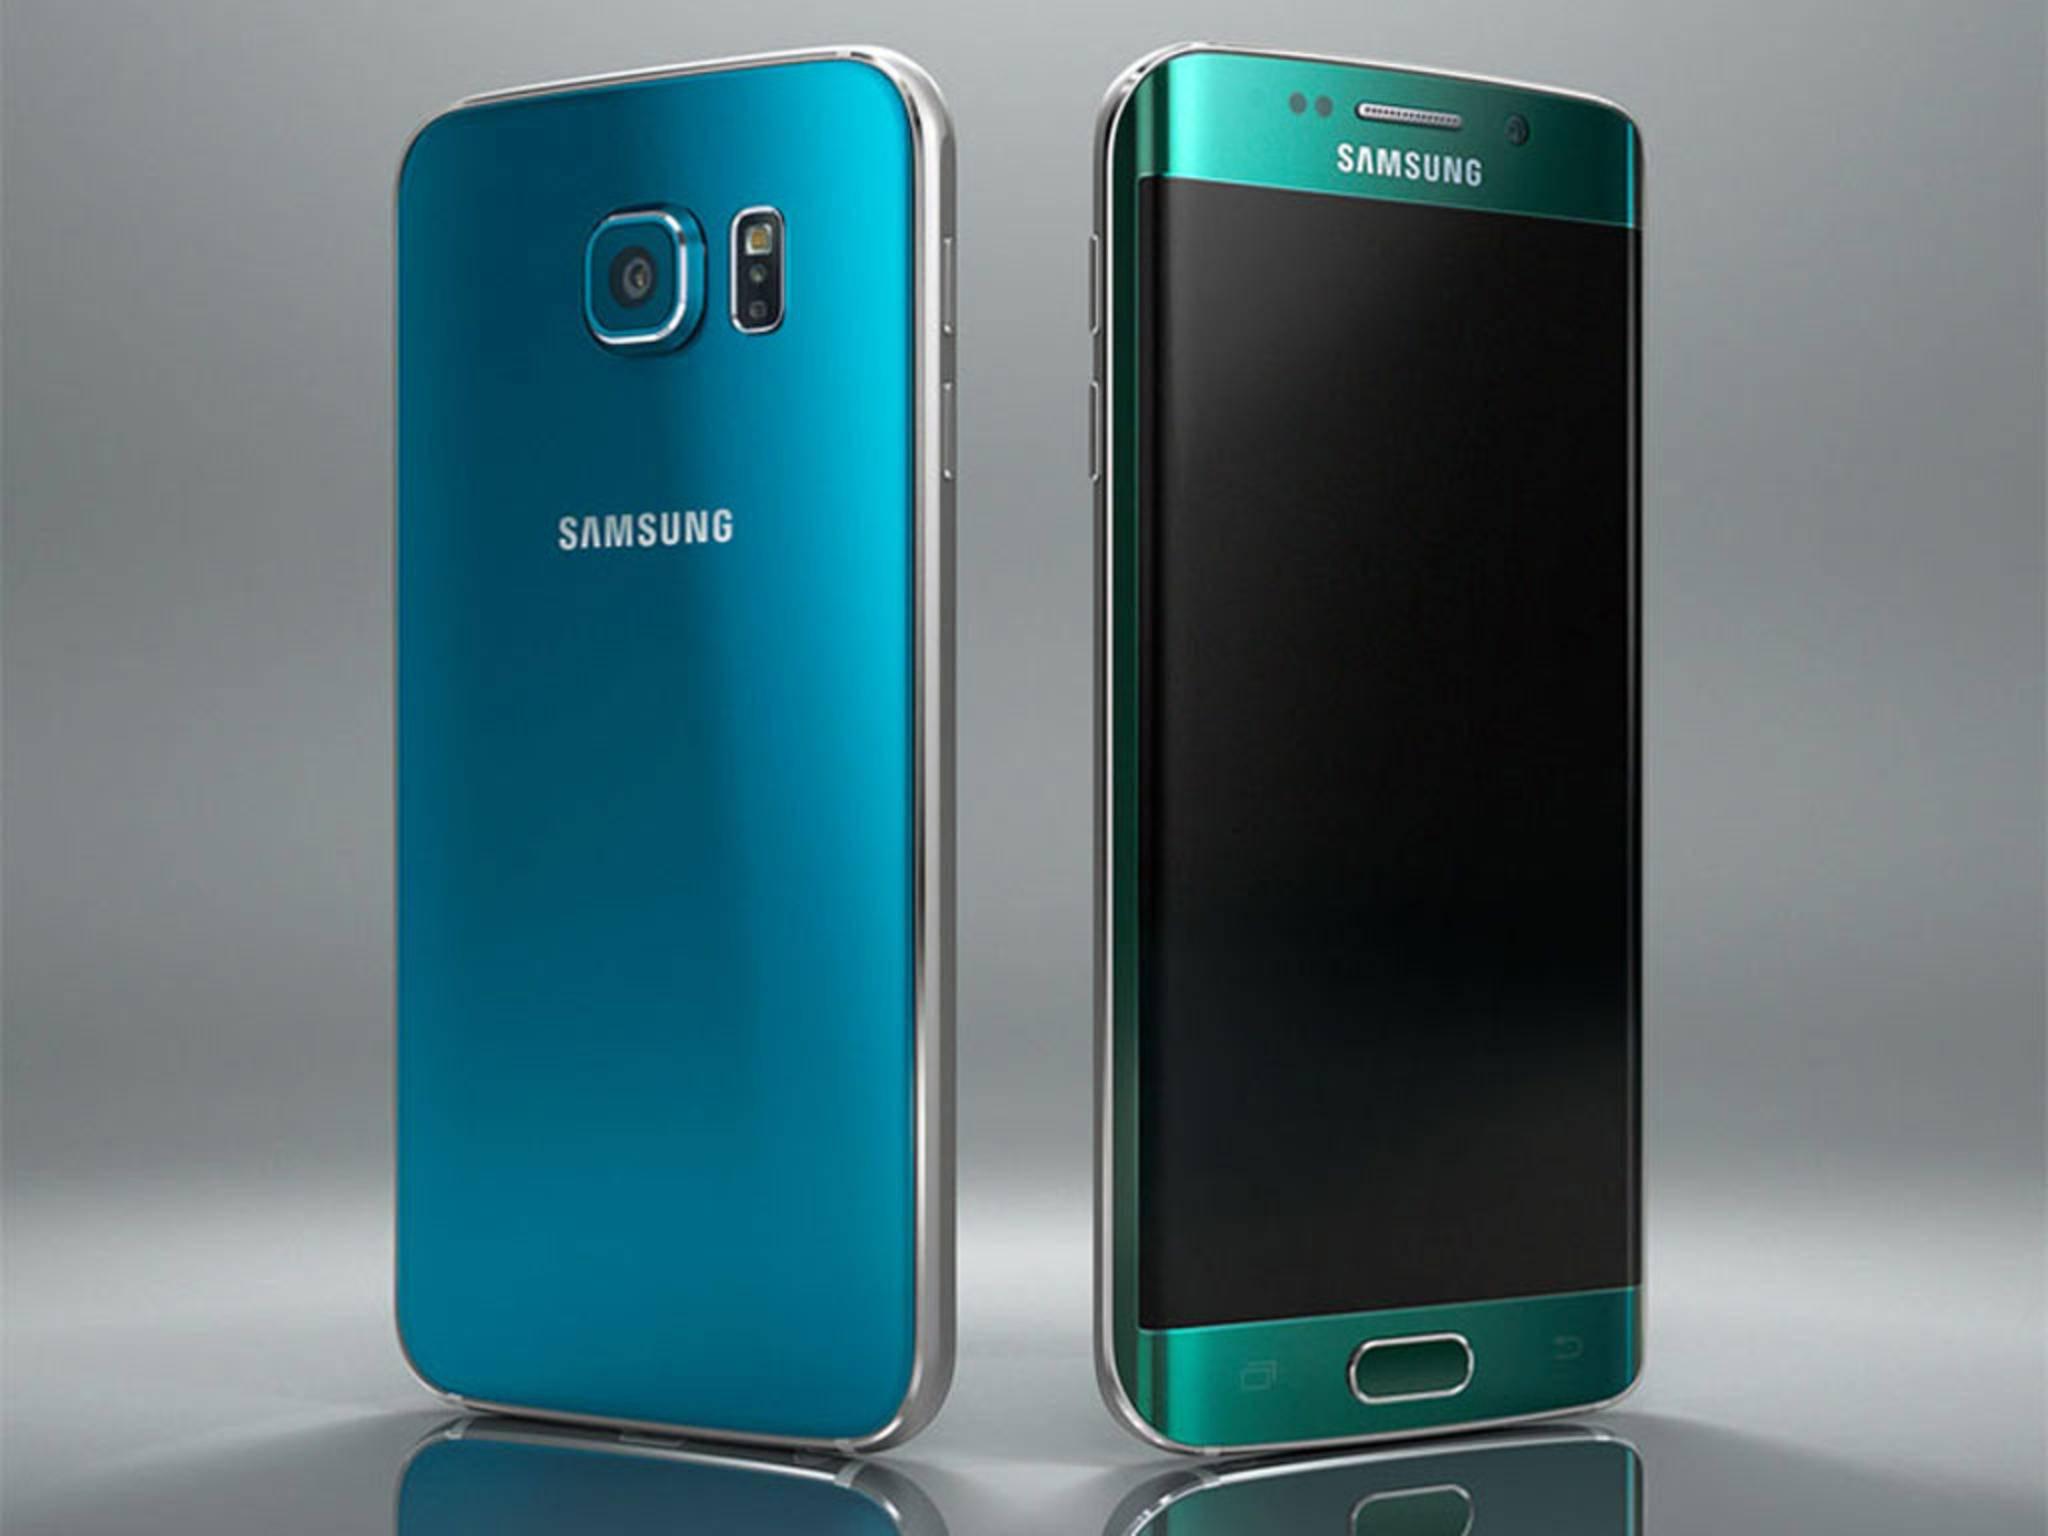 Wir präsentieren die acht coolsten Gadgets für das Galaxy S6 und Galaxy S6 Edge.